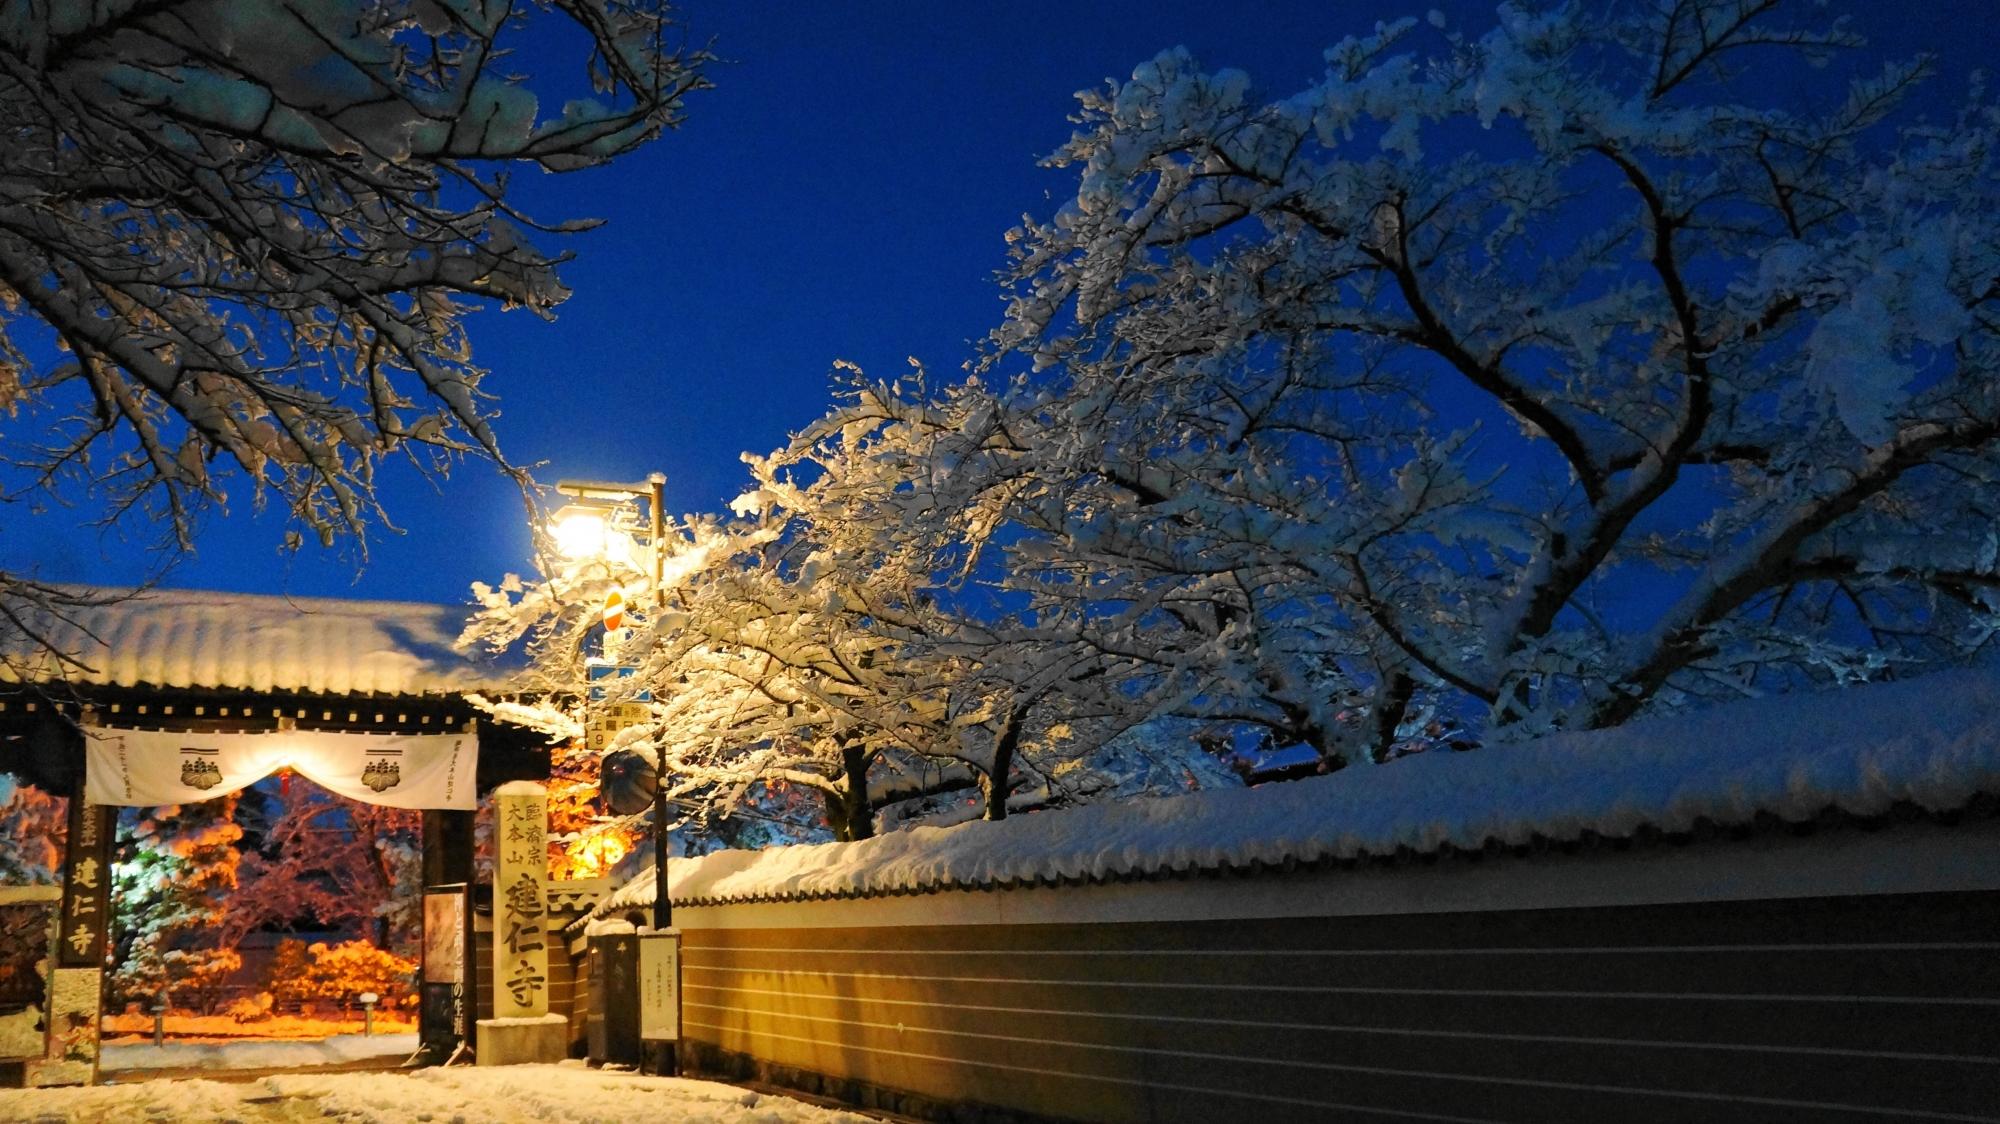 夜明け前の紺色の空と雪景色